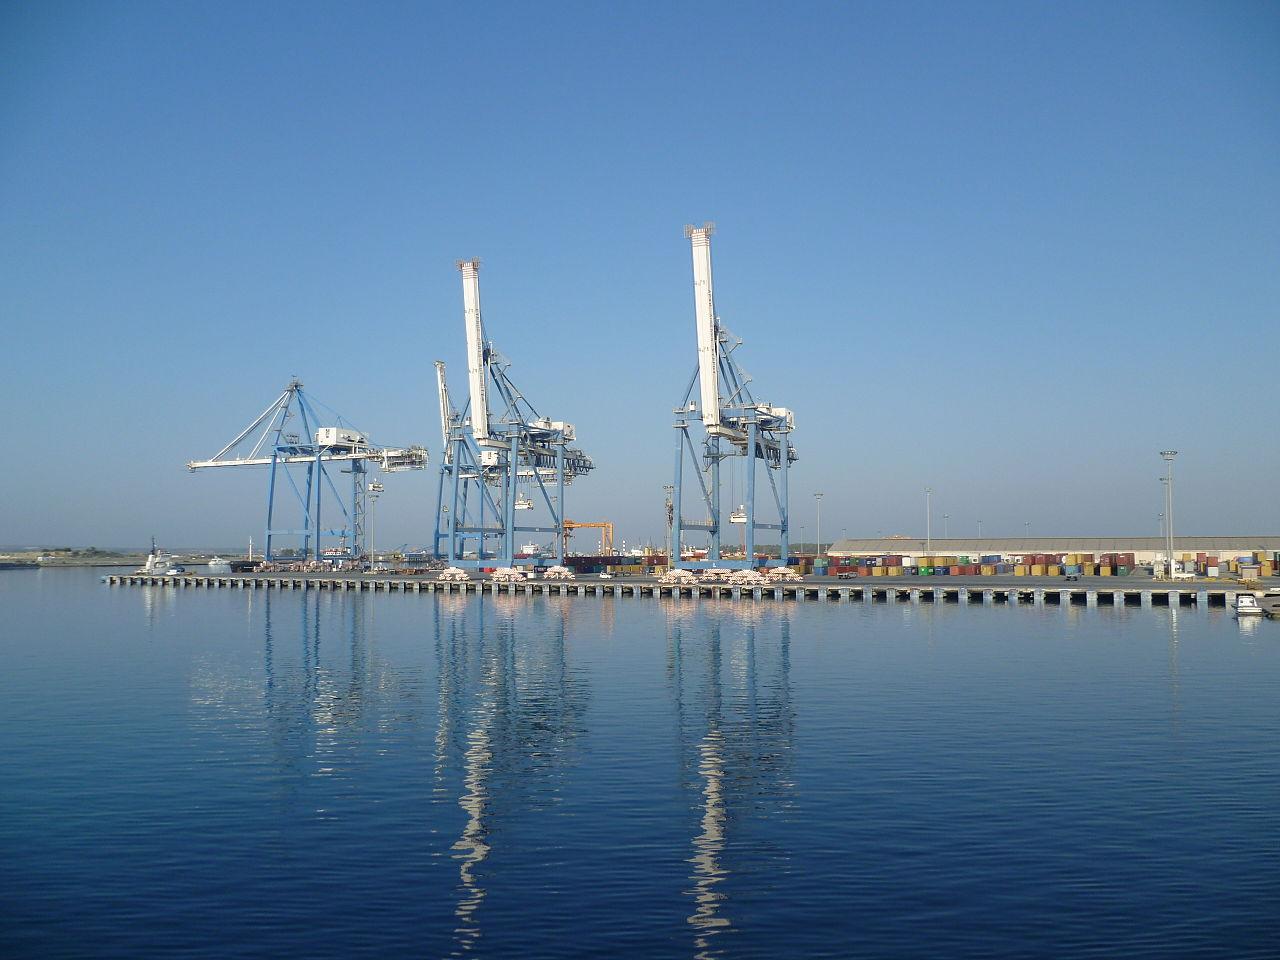 1280px-Cranes_Limassol_Harbour_20110703